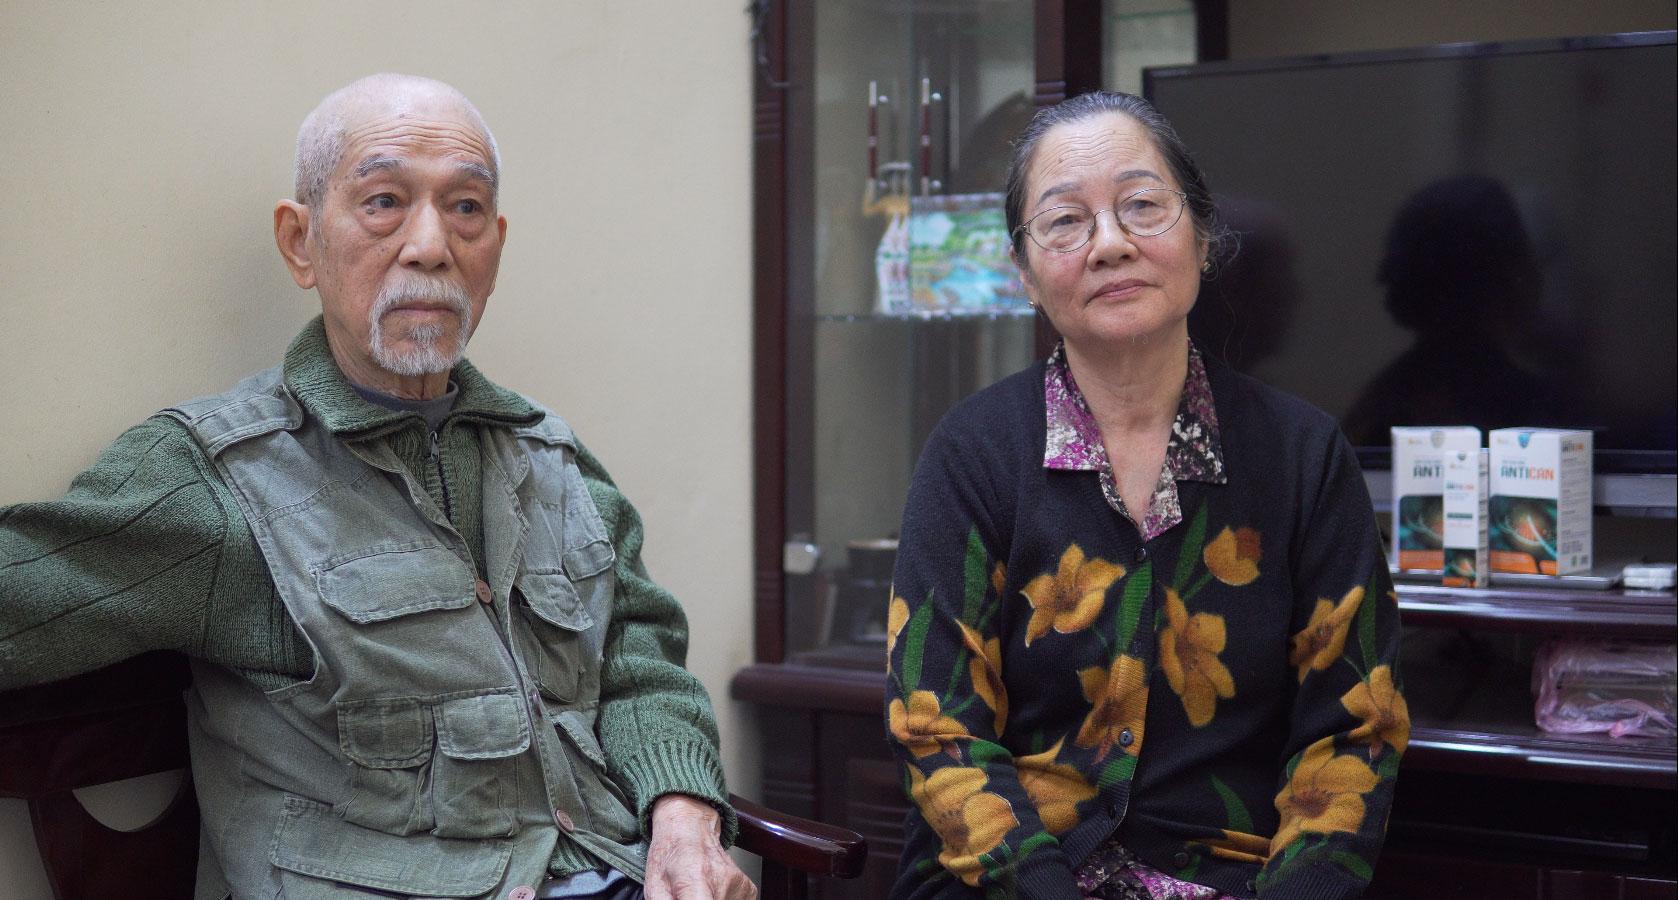 Vợ chồng nghệ sĩ Mai Ngọc Căn chia sẻ về tình trạng bệnh